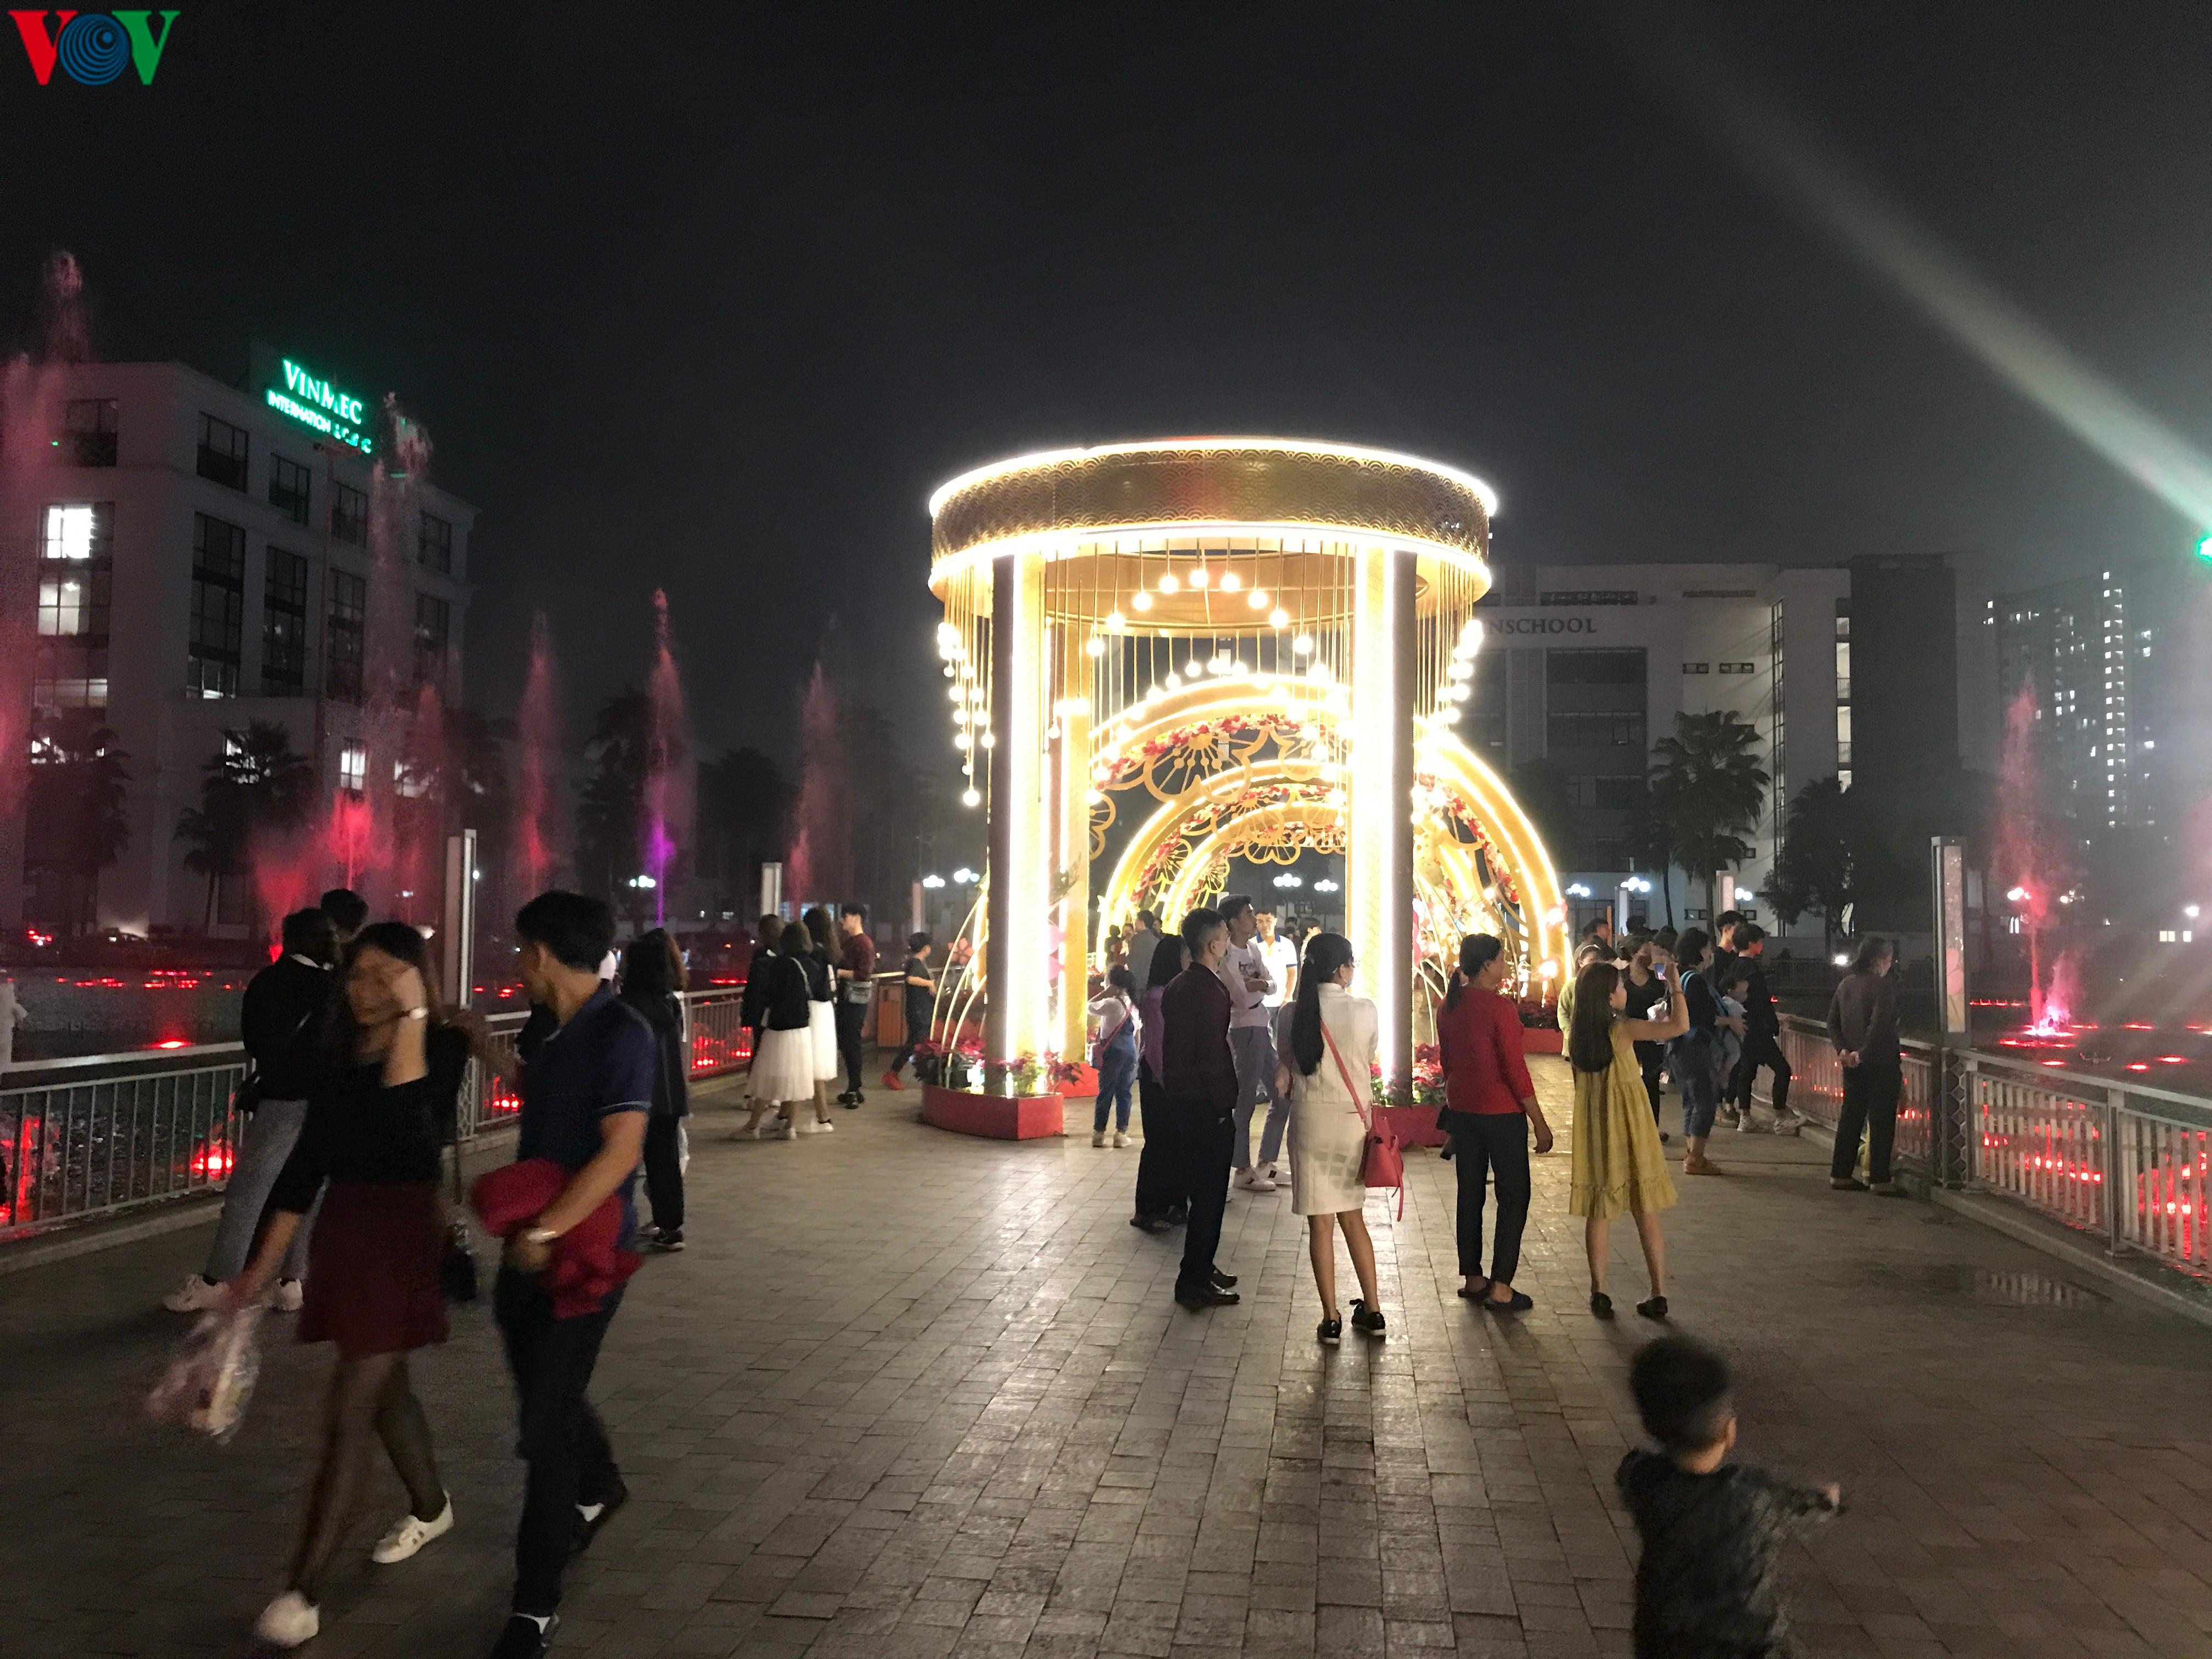 Các cặp đôi đi chơi tối Valentine trong lất phất mưa phùn ở Hà Nội Ảnh 1